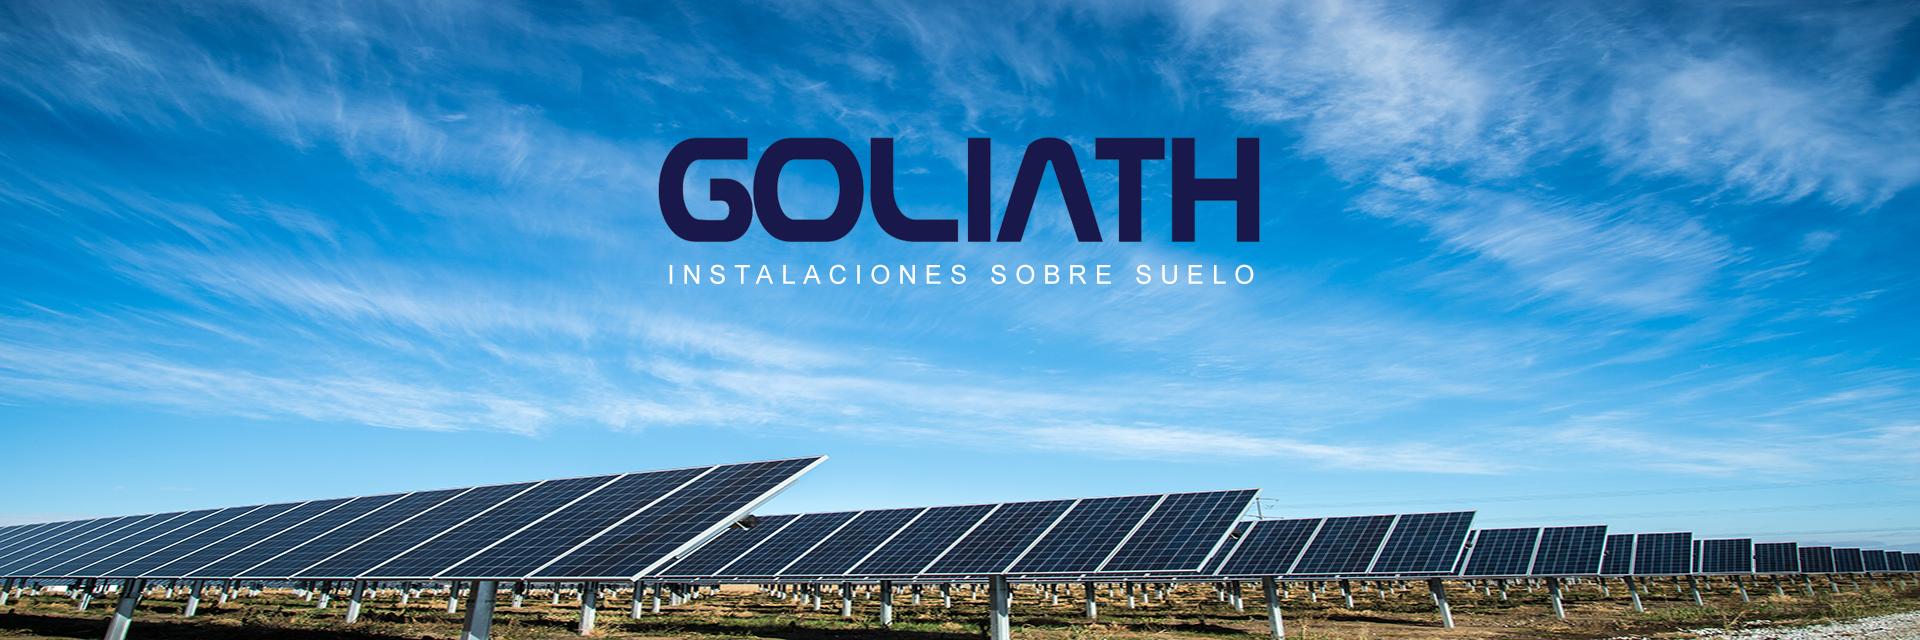 GOLIATH-FOLTOVOLTAICA-SUELO